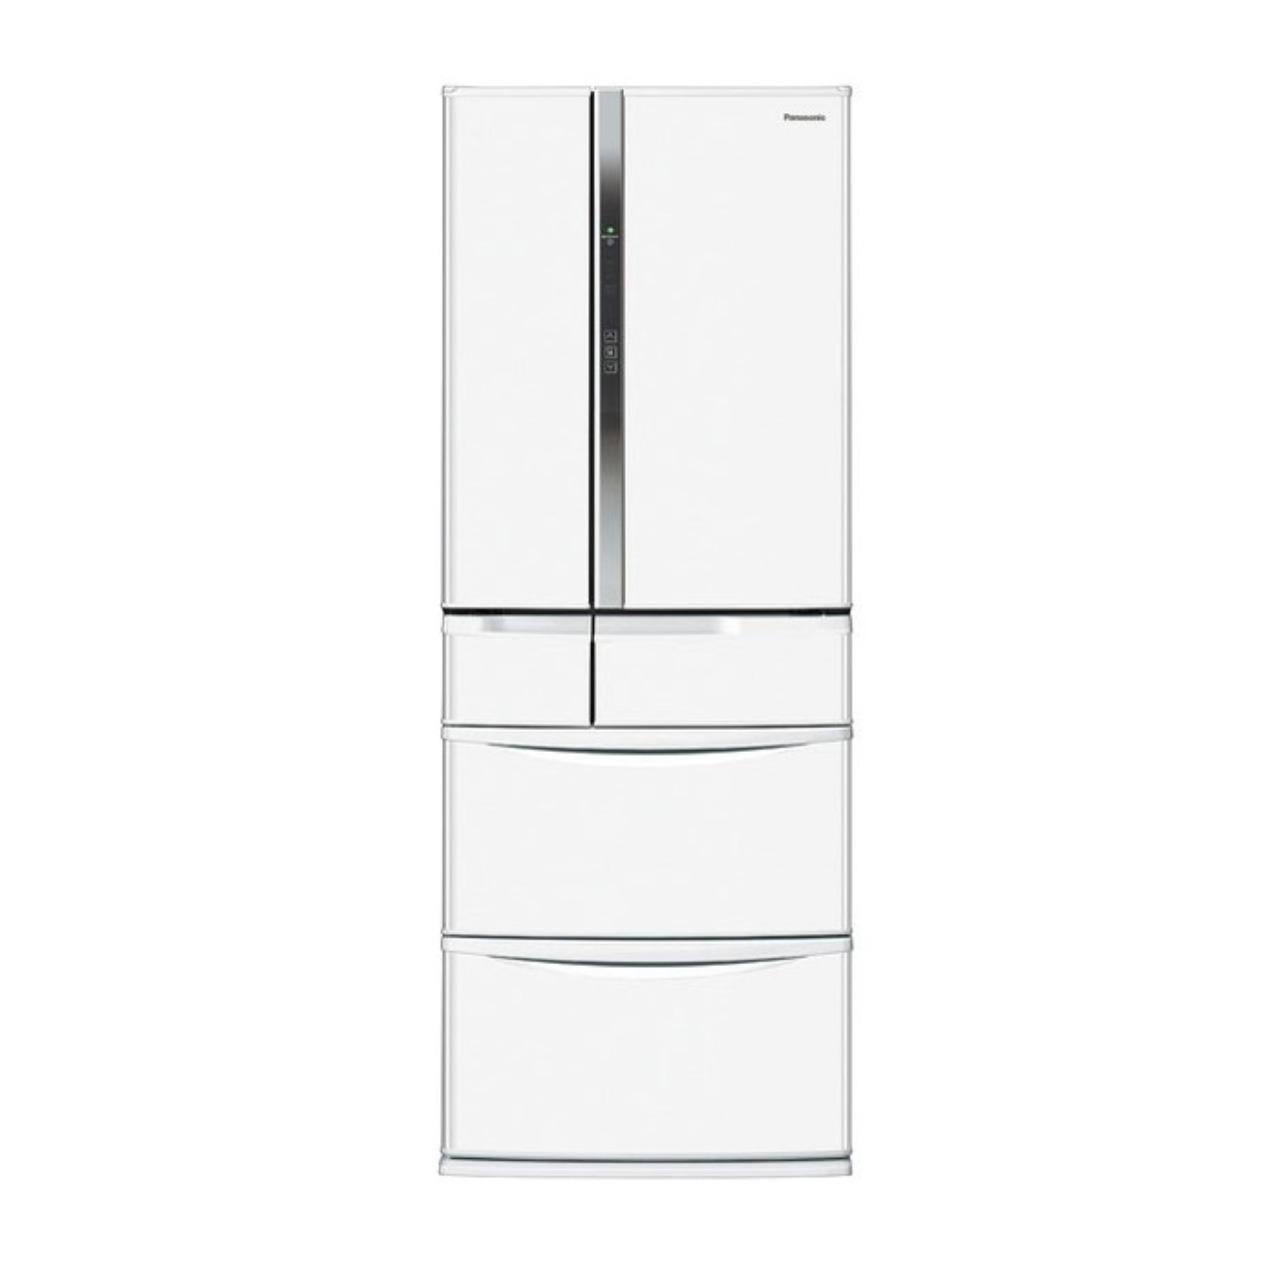 パナソニックNR-FVF453冷蔵庫